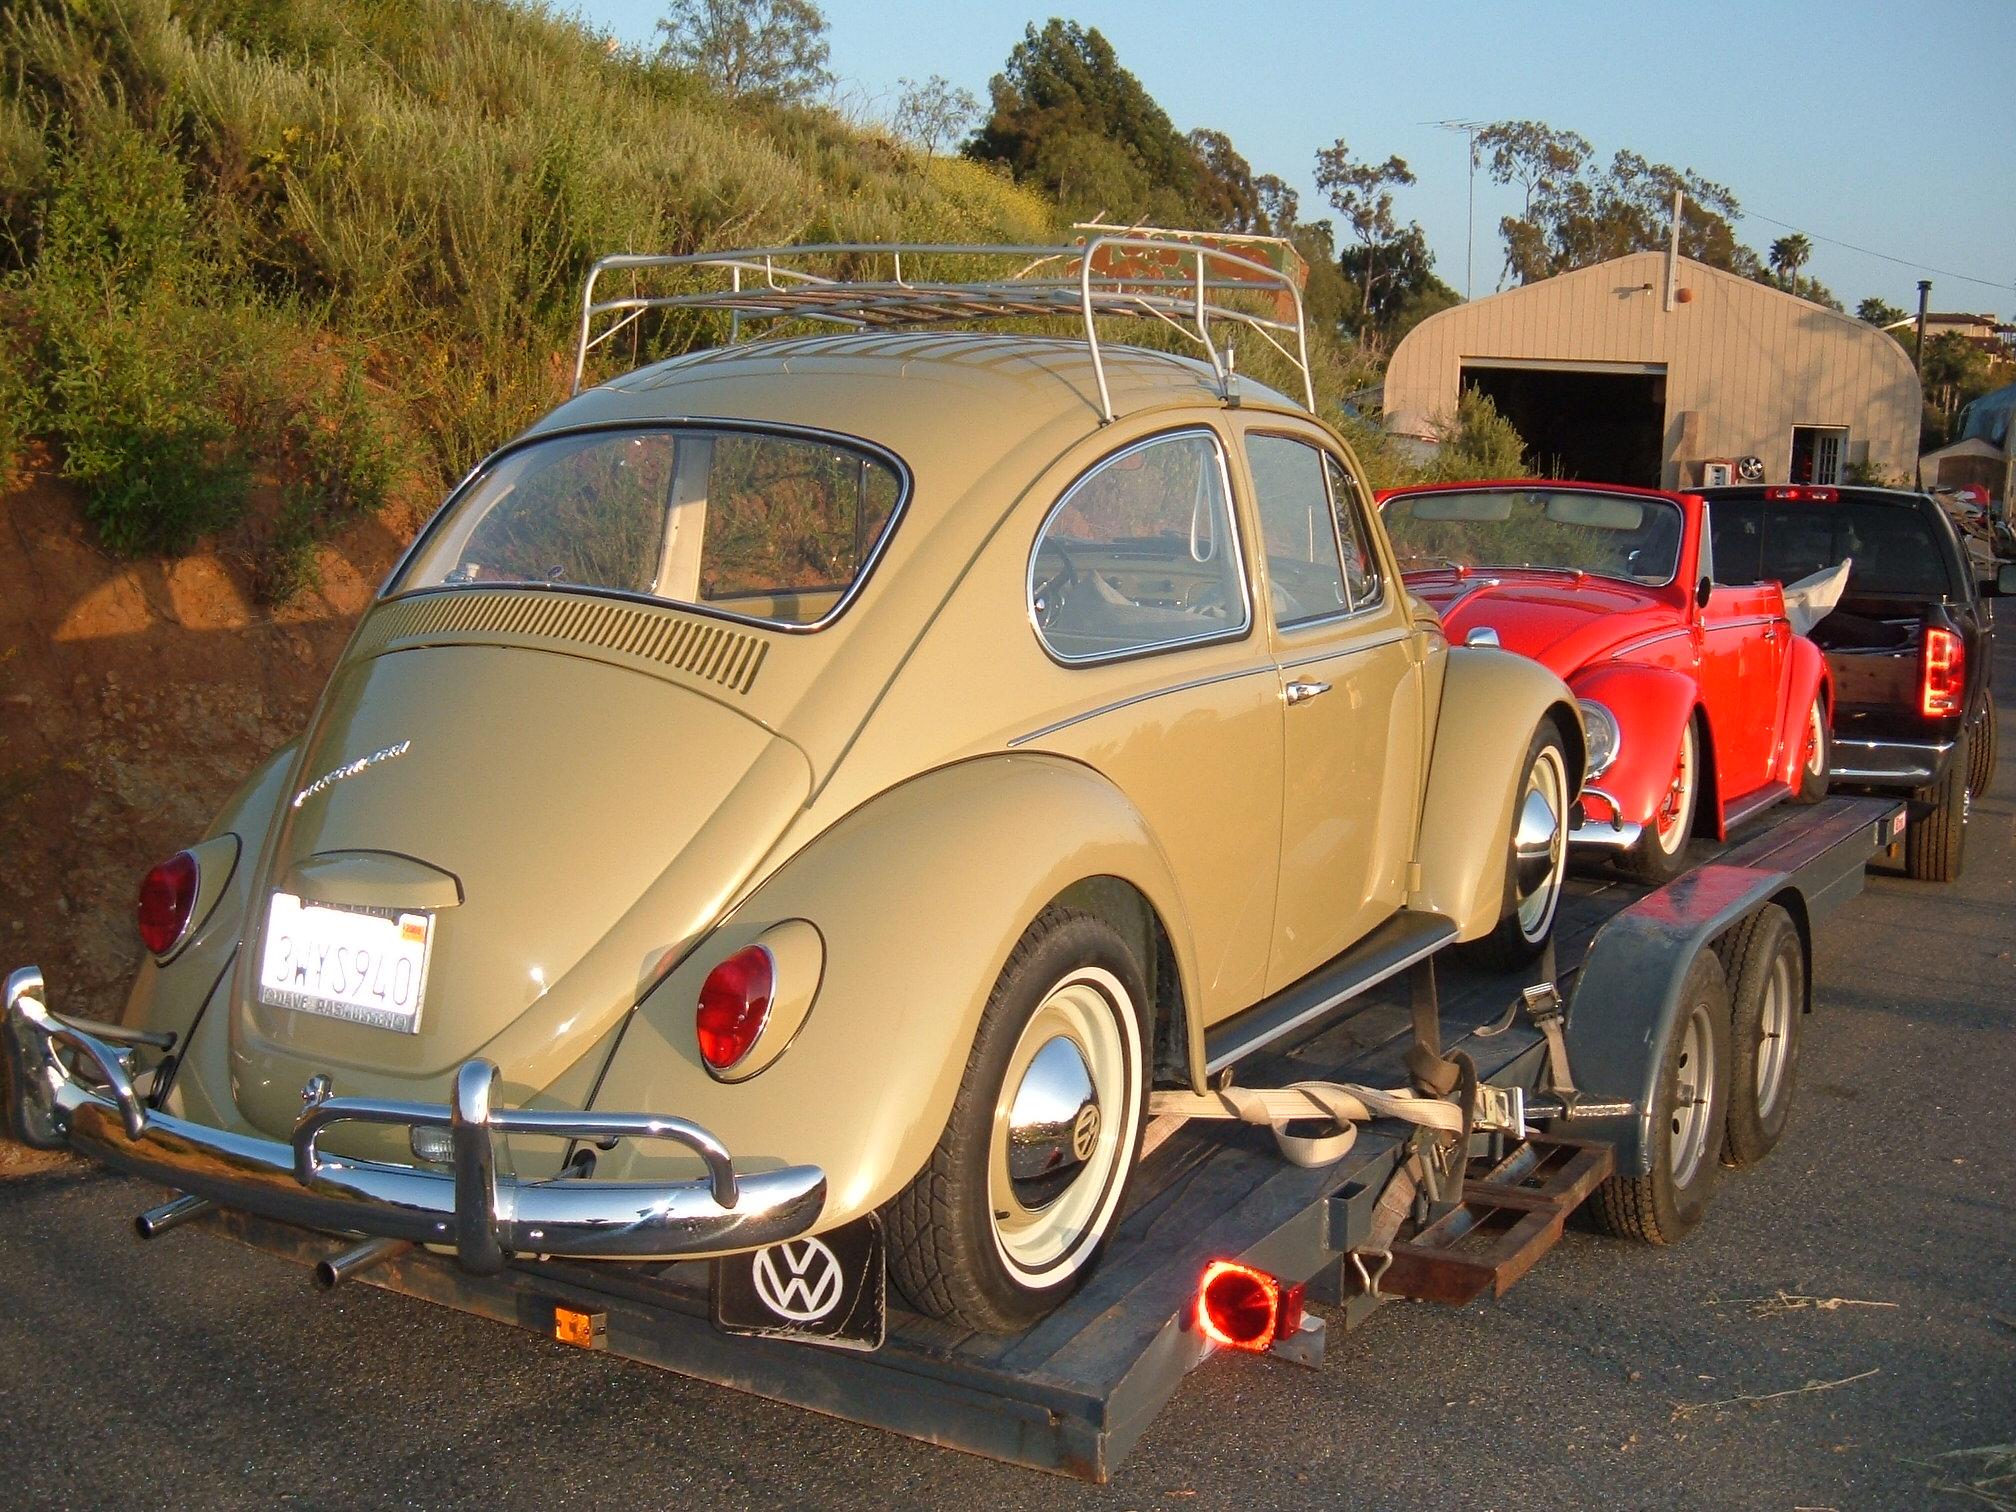 '67 VW Bug rear view